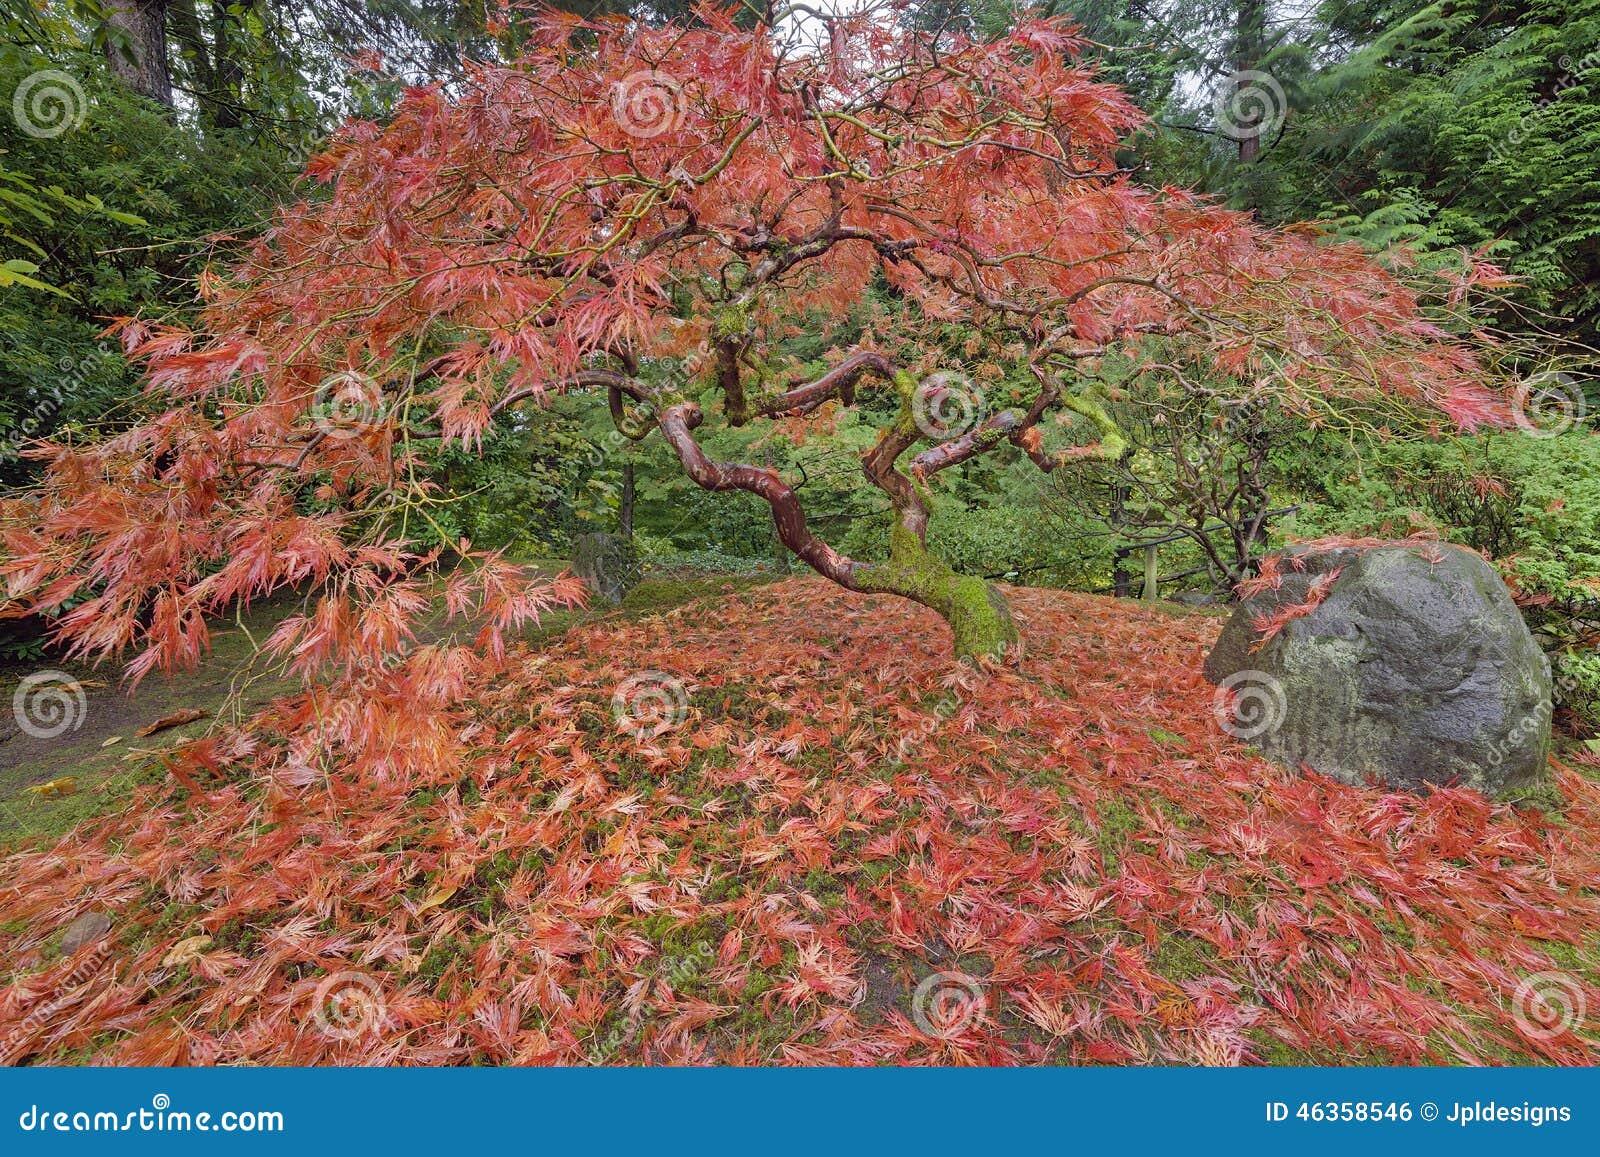 Arbre d 39 rable japonais dans le jardin japonais autumn season de portland photo stock image - Arbre pour jardin japonais ...